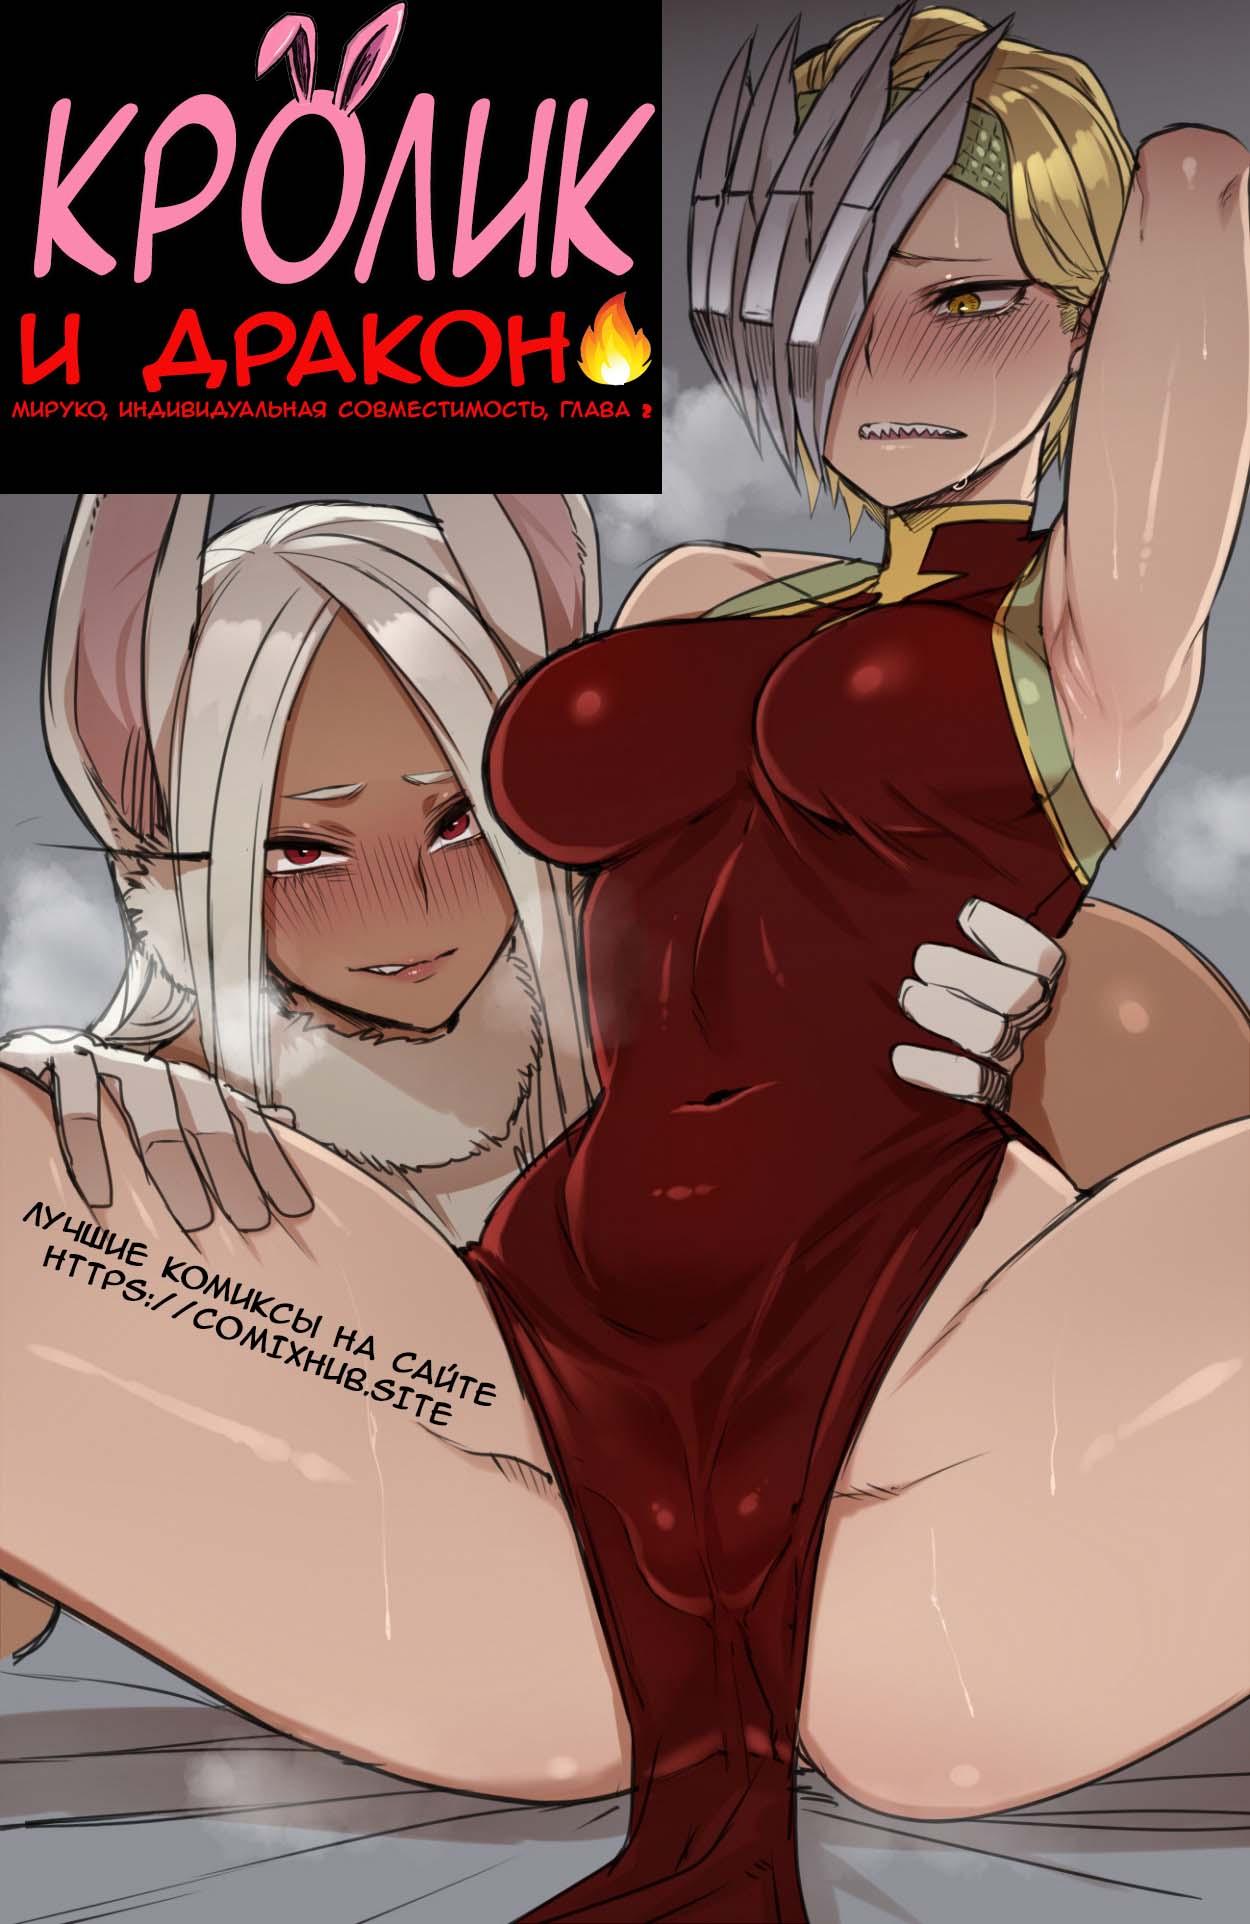 Порно комиксы - Мируко, индивидуальная совместимость, часть 2 Без цензуры, Большие члены, Лесбиянки, Минет, Порно комиксы